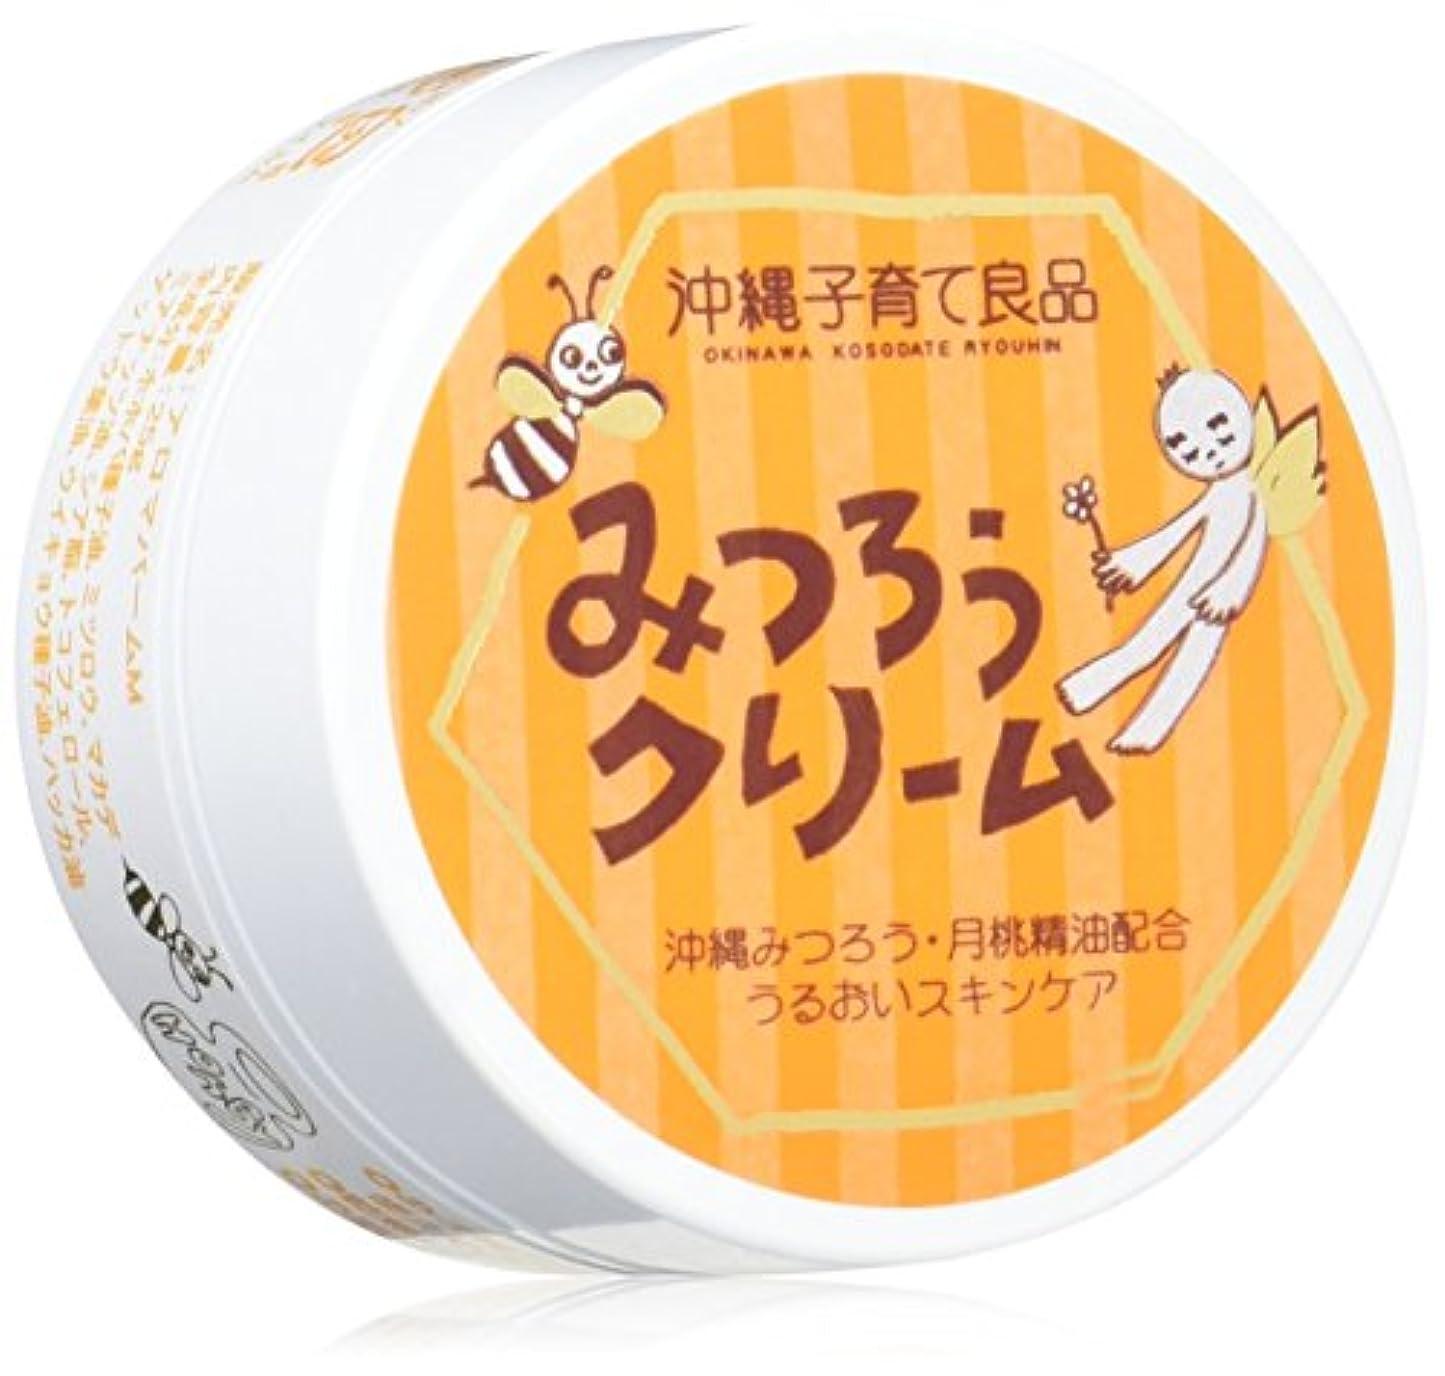 アレルギー性馬力マート沖縄子育て良品 みつろうクリーム (25g)